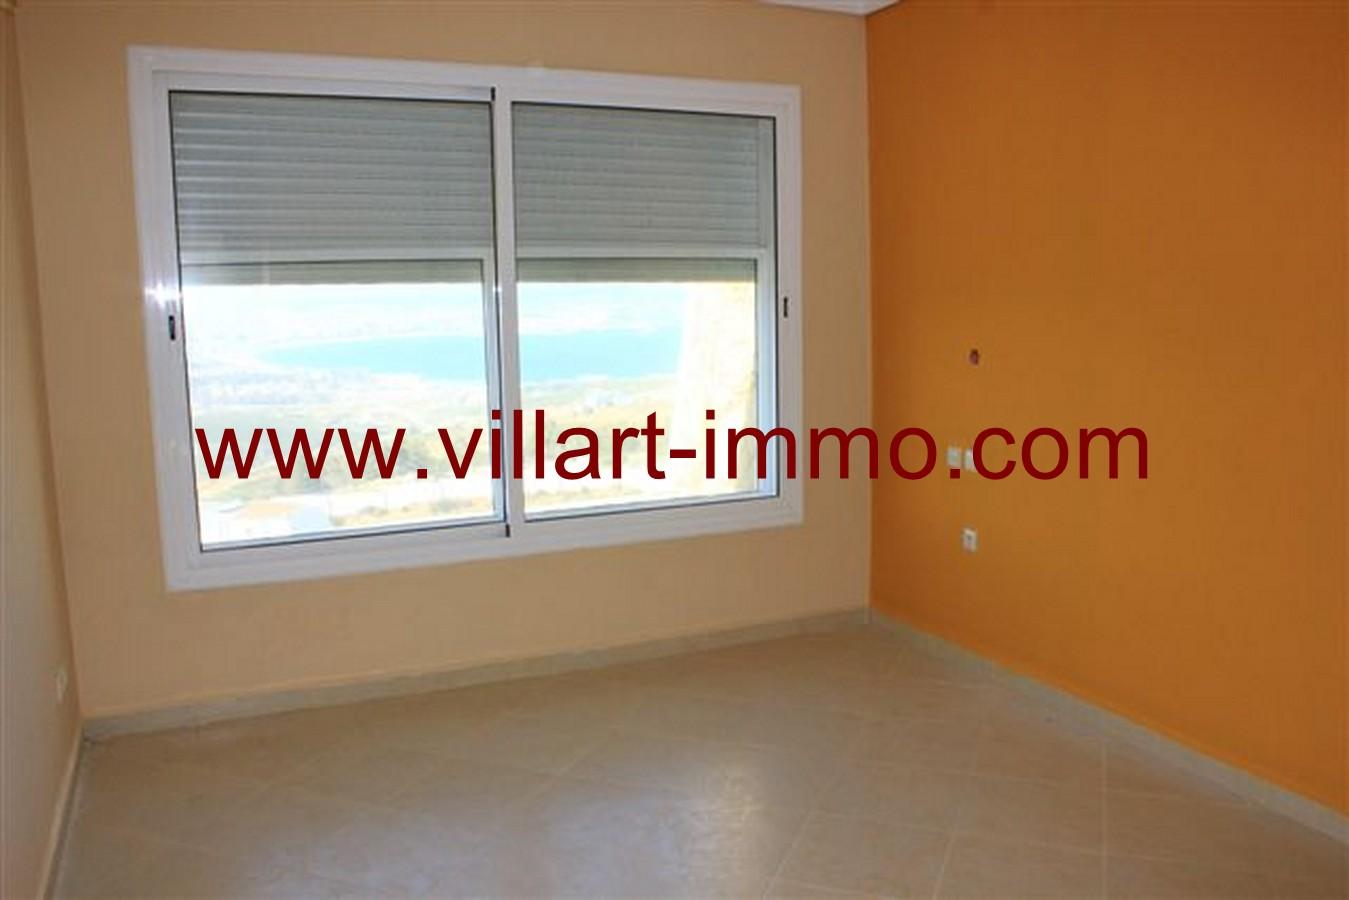 13-Vente-Villa-tanger-Malabata-MIR-1-Villart Immo